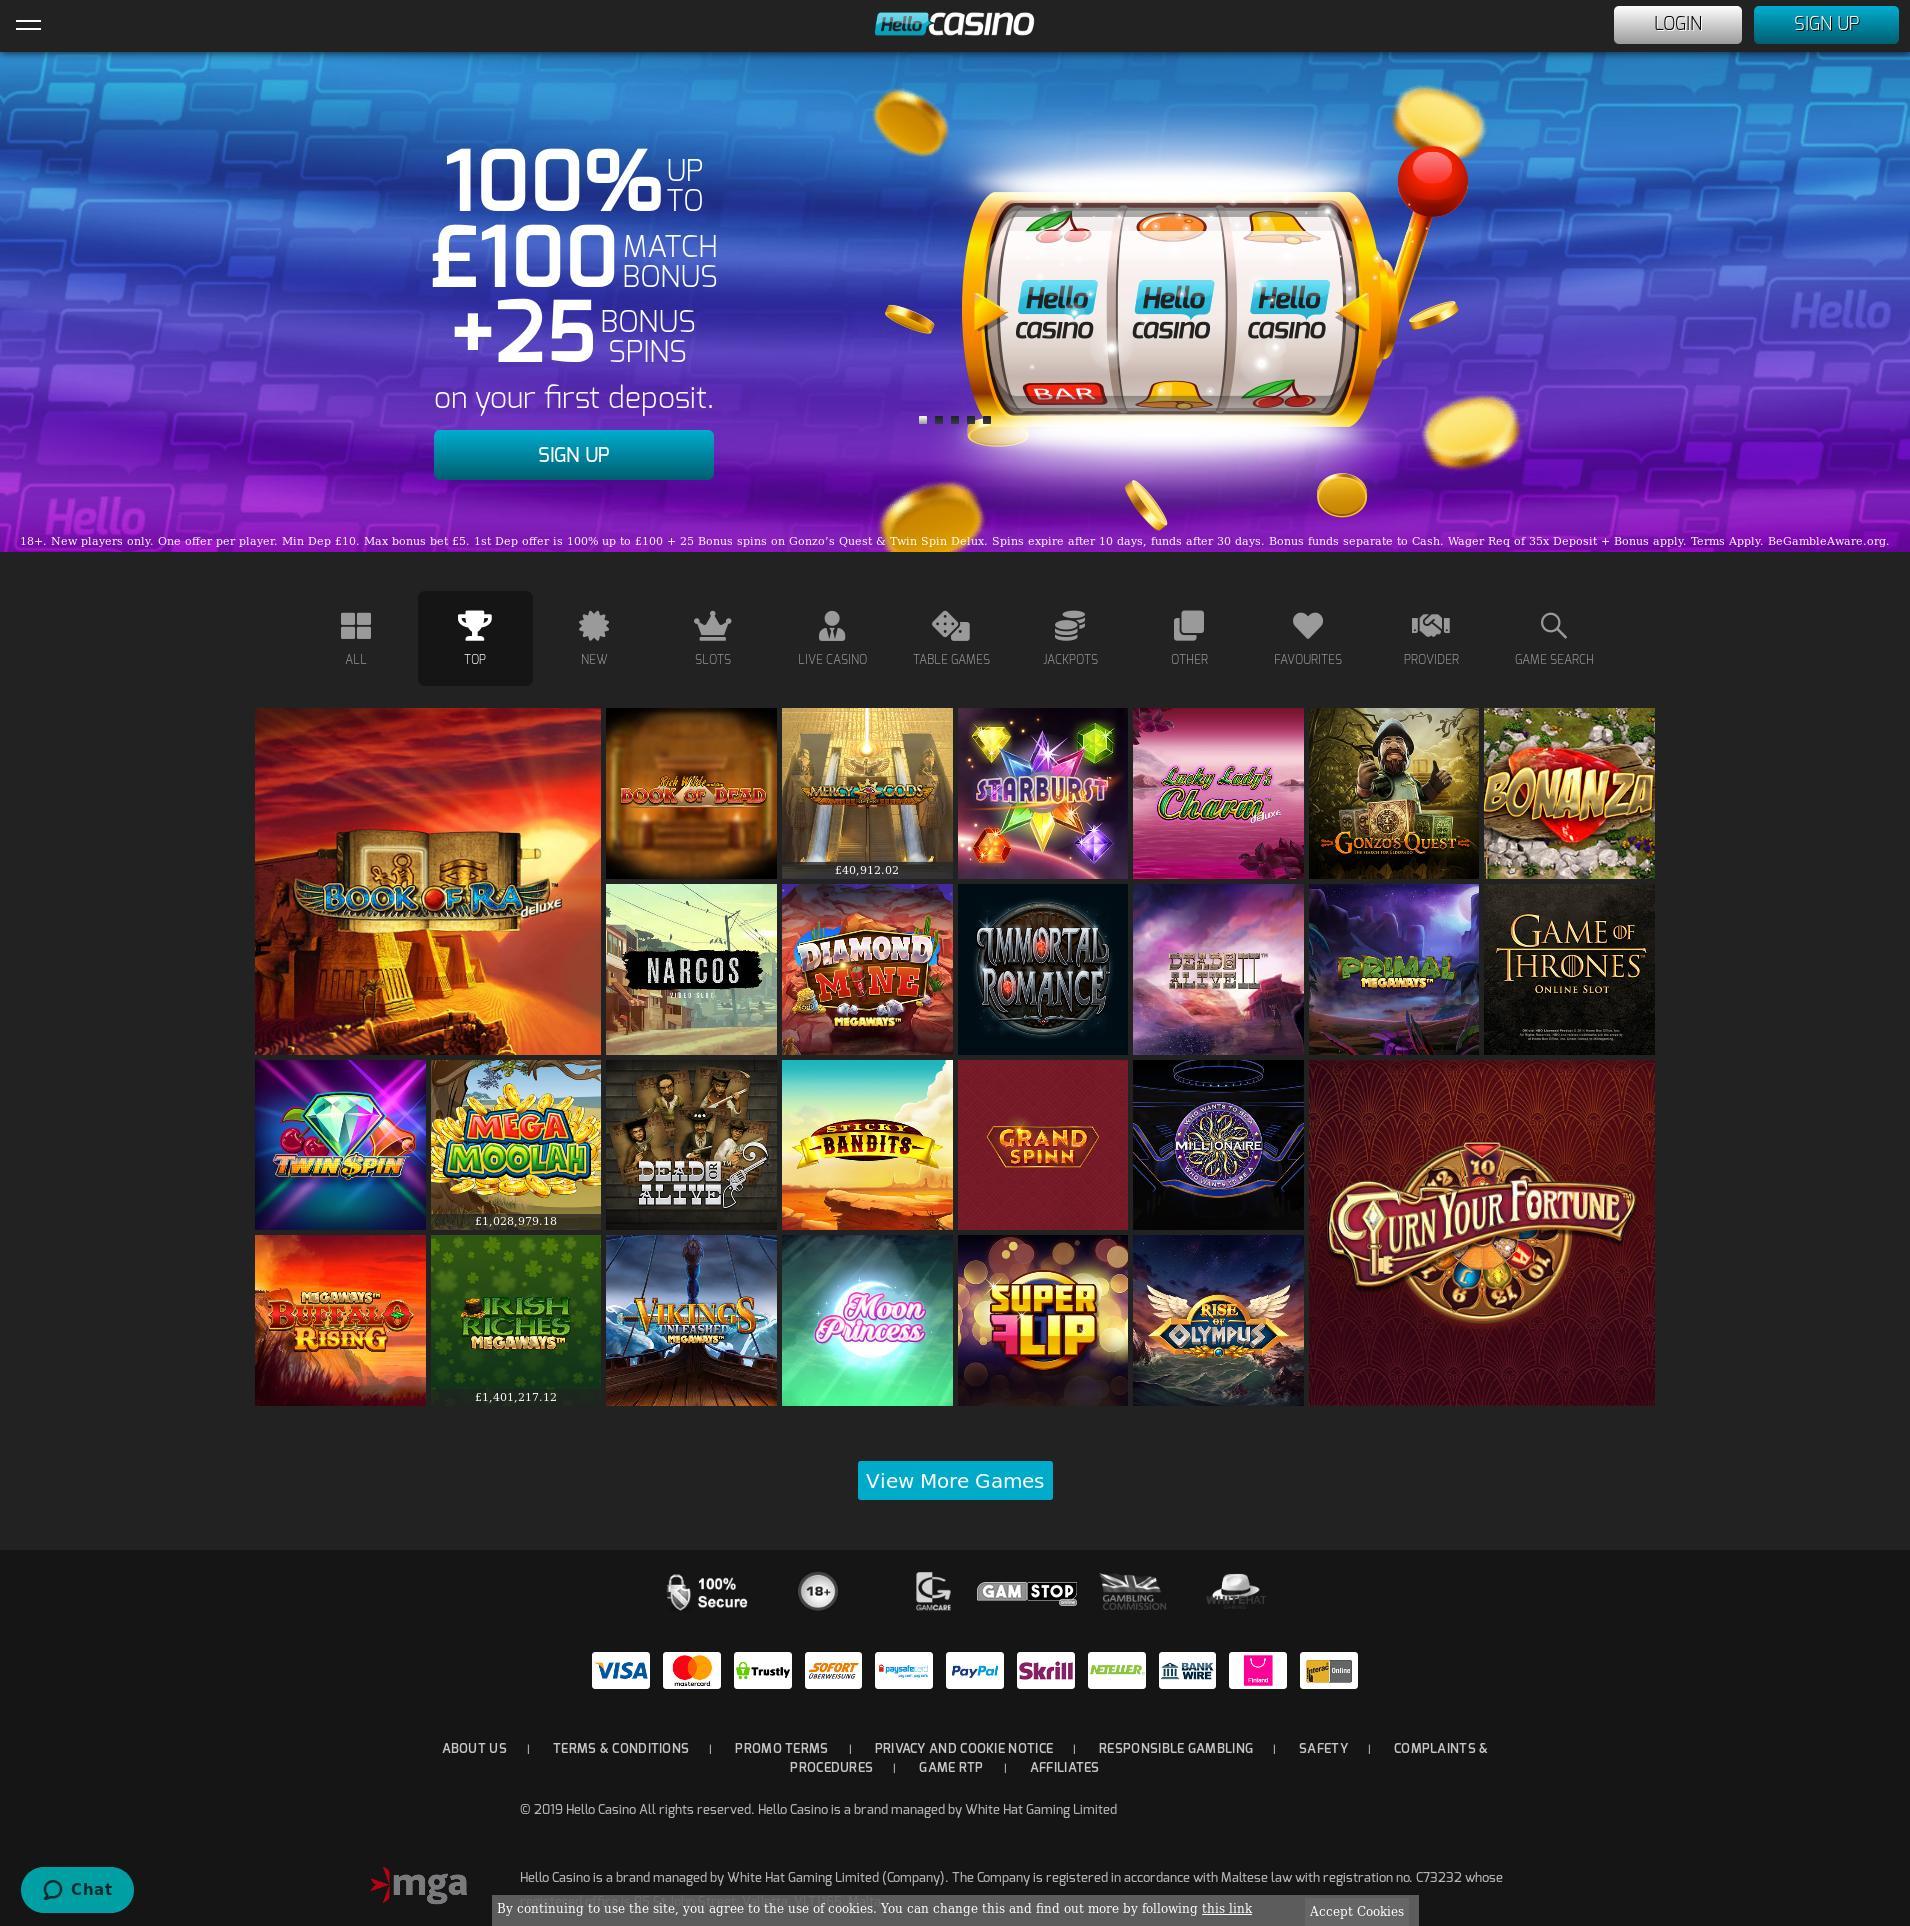 Casino skärm Lobby 2019-11-20 för Storbritannien